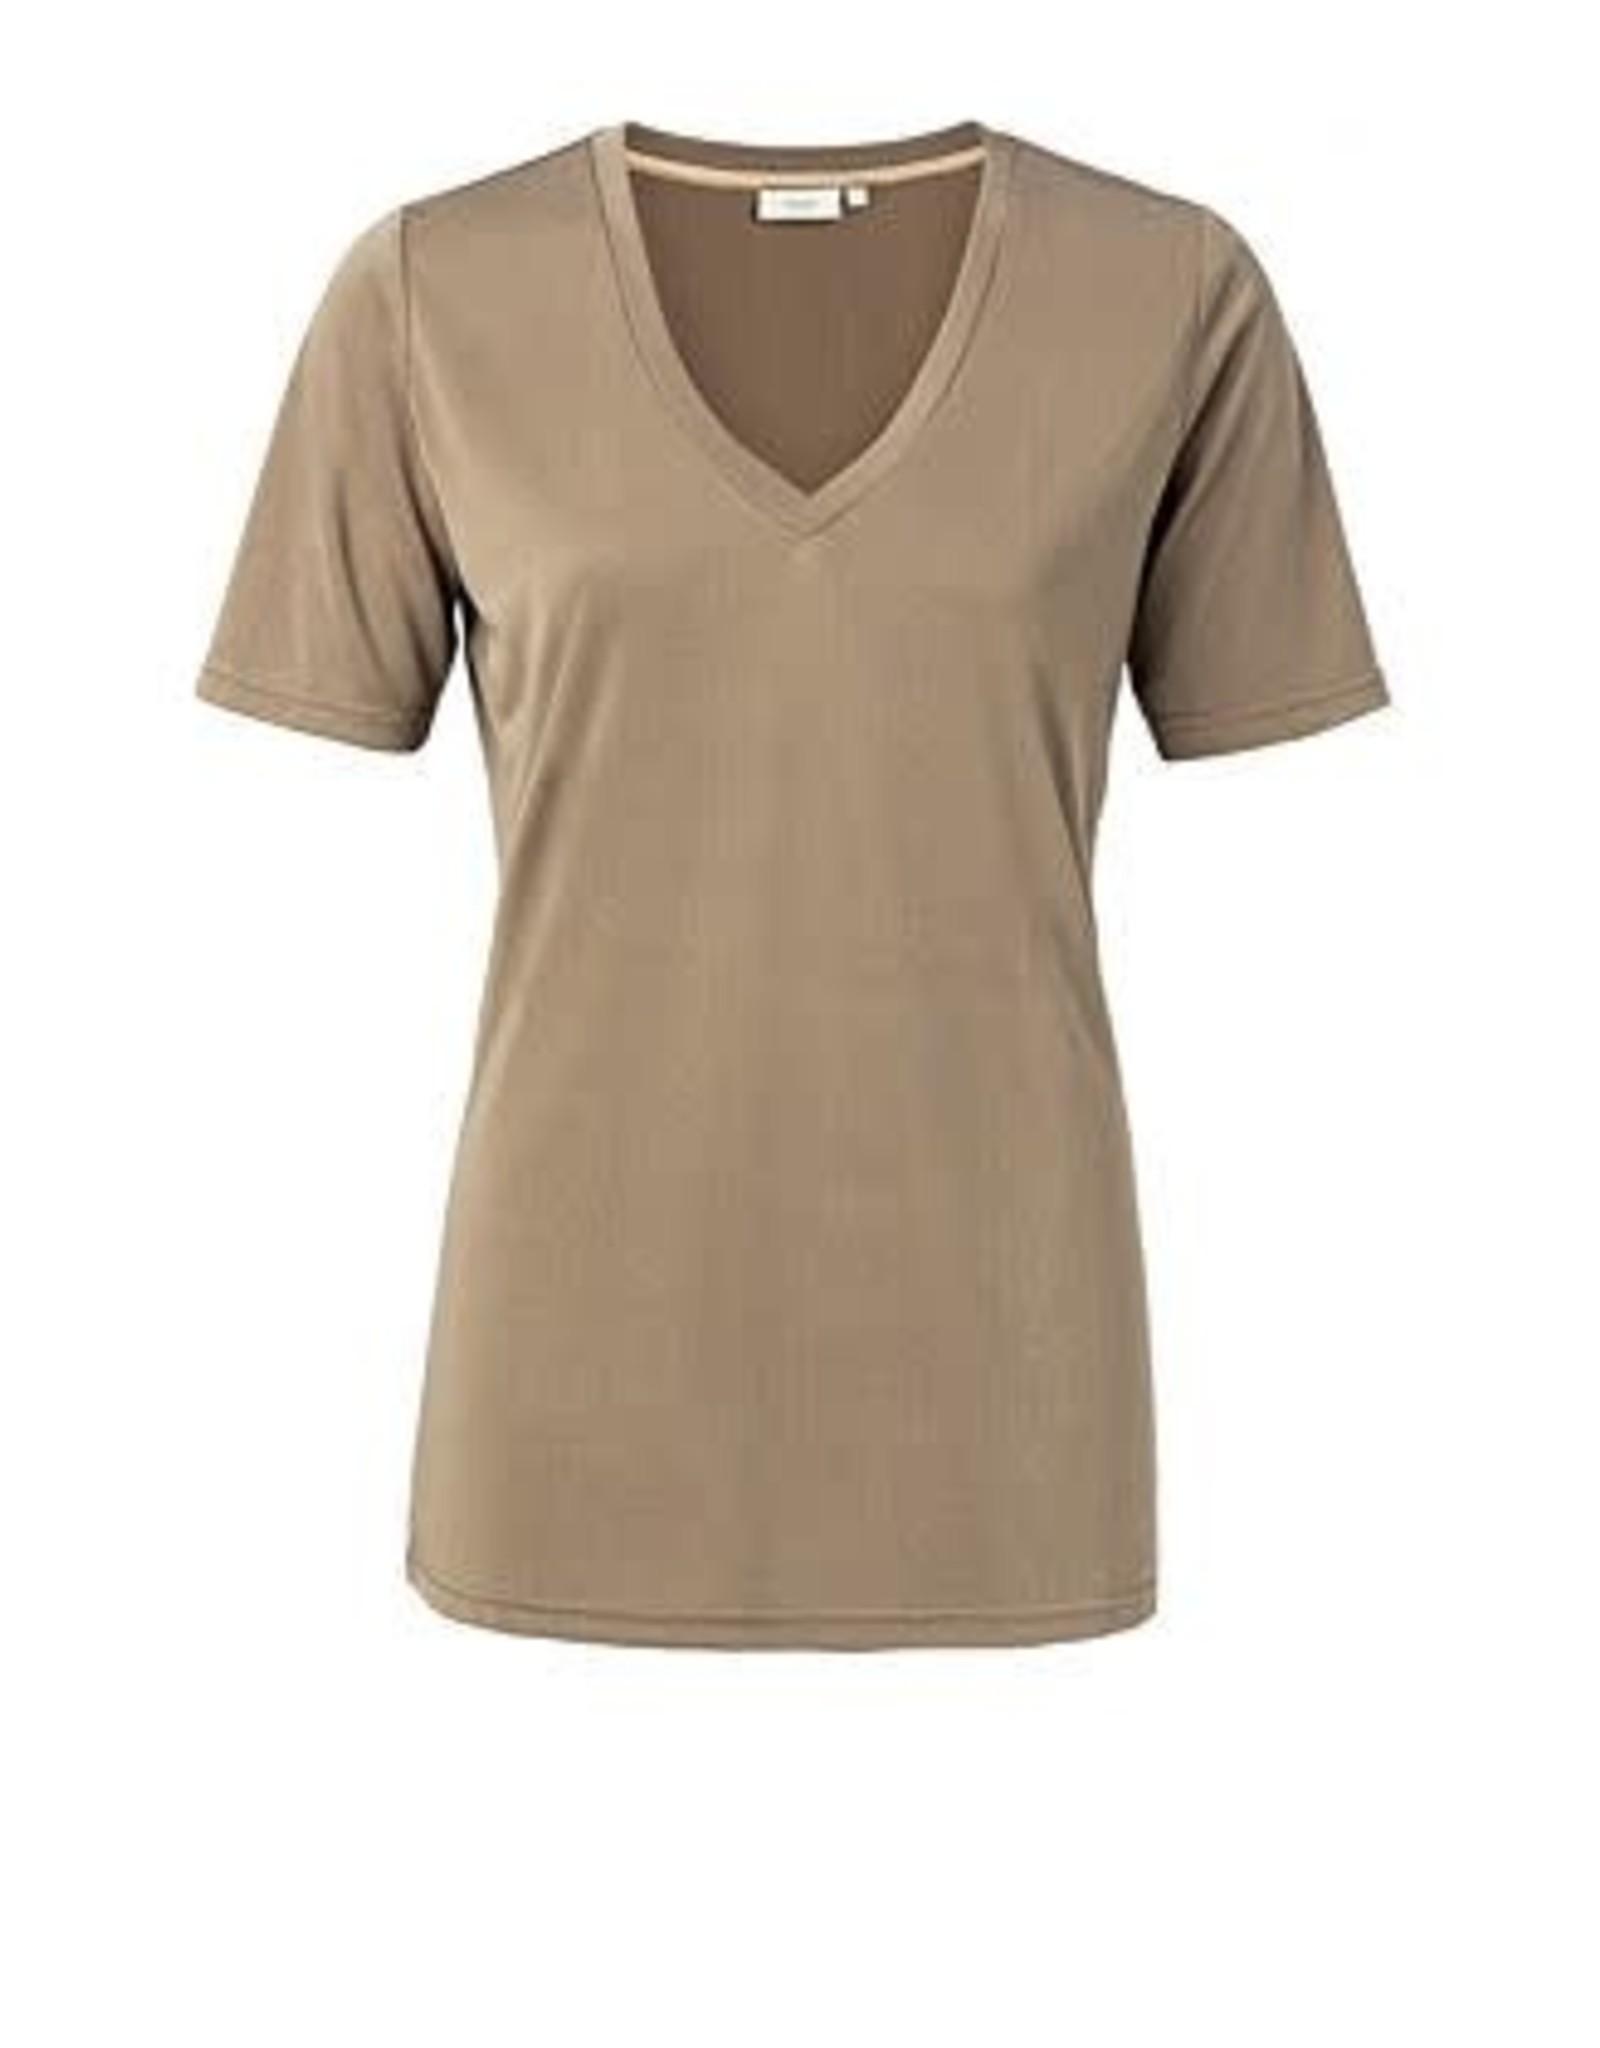 YaYa T-shirt Brown Clay size S